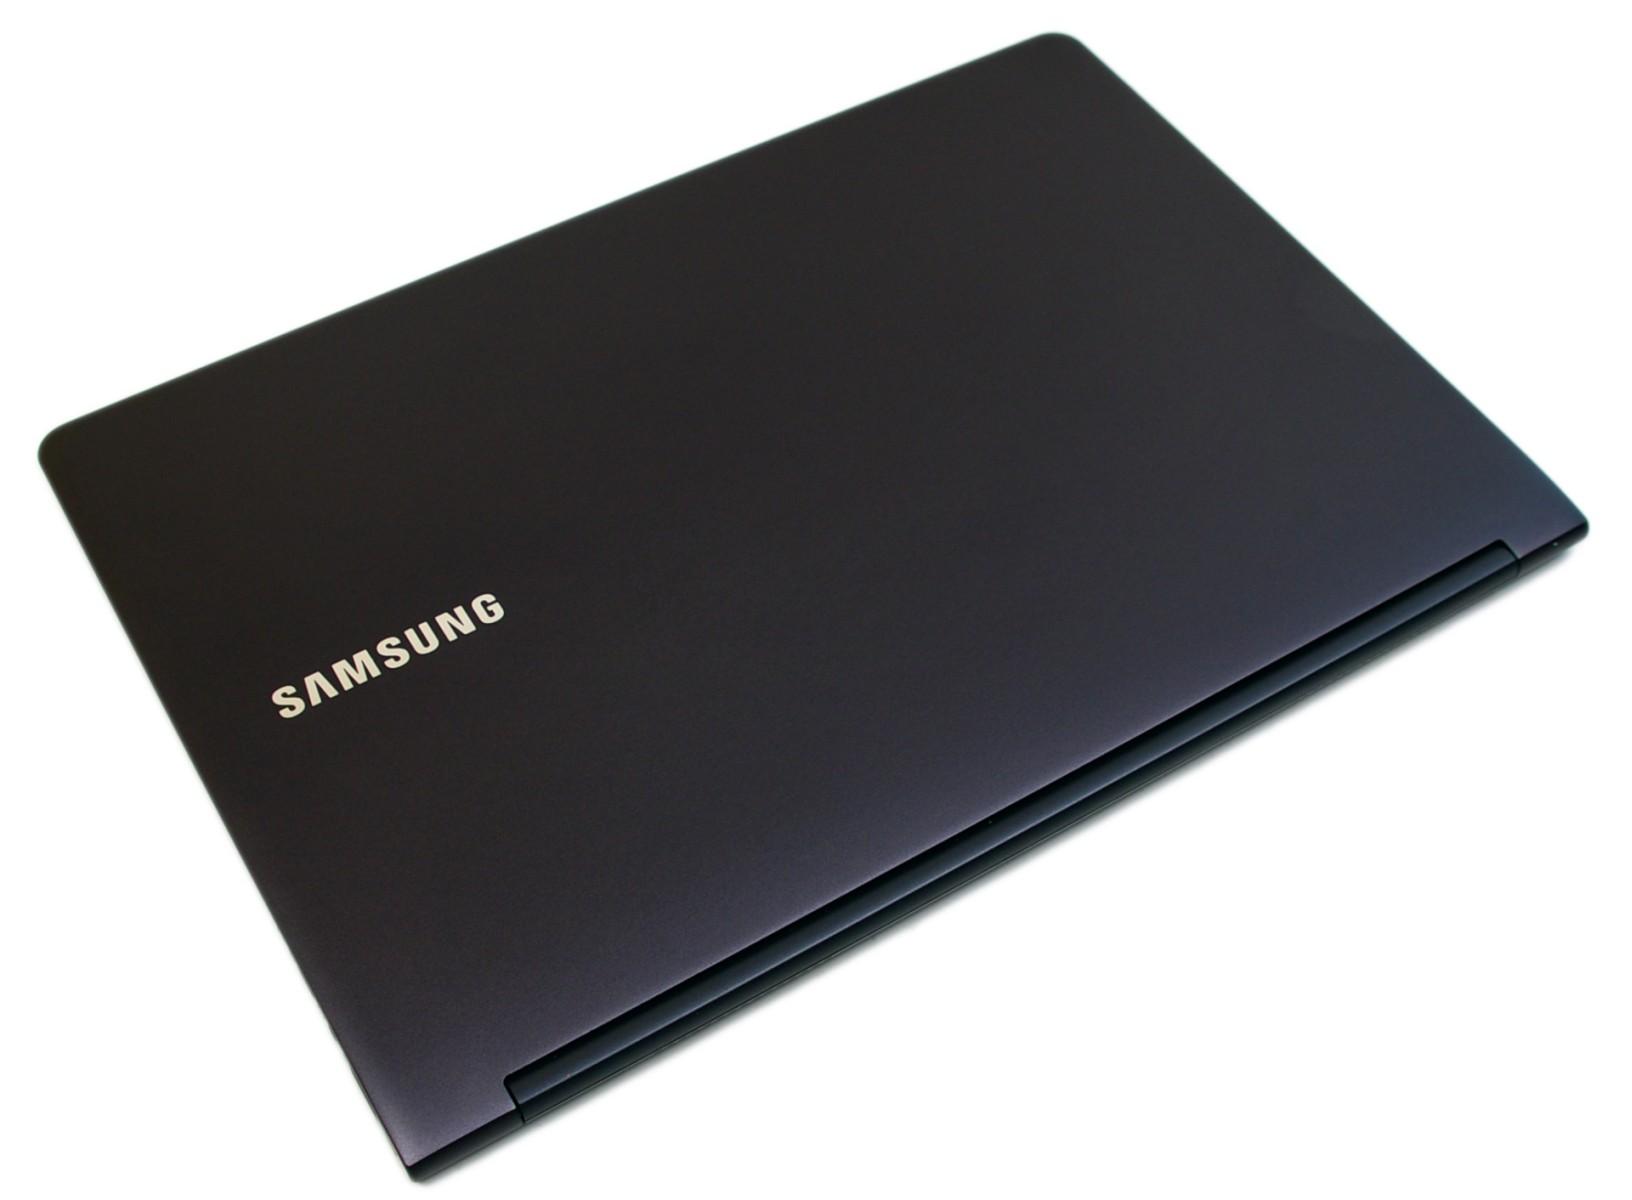 j samsung series 9 notebook t k letesre reszelve prohardver notebook teszt. Black Bedroom Furniture Sets. Home Design Ideas